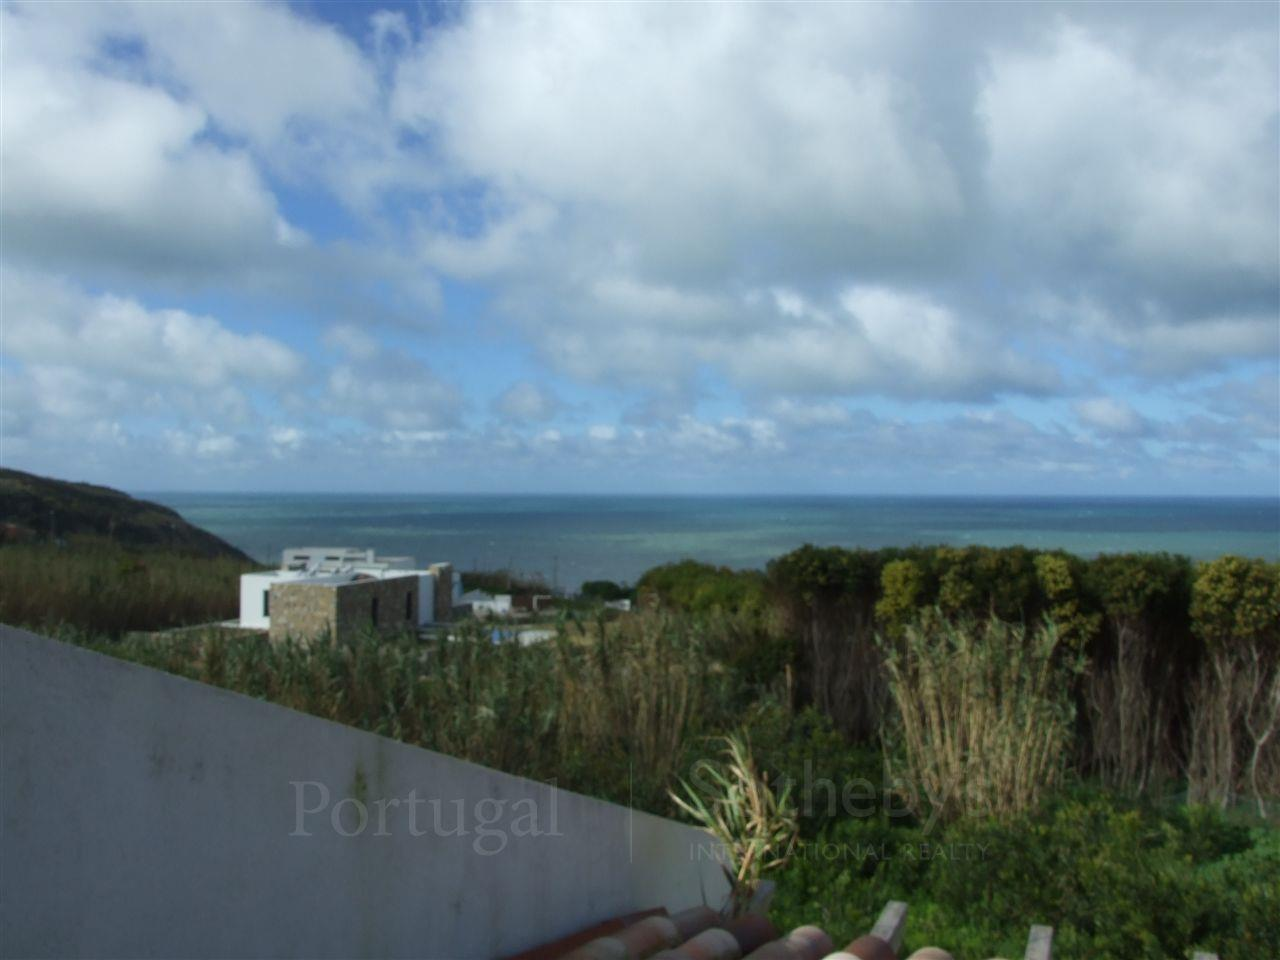 단독 가정 주택 용 매매 에 House, 3 bedrooms, for Sale Sintra, 리스보아 포르투갈